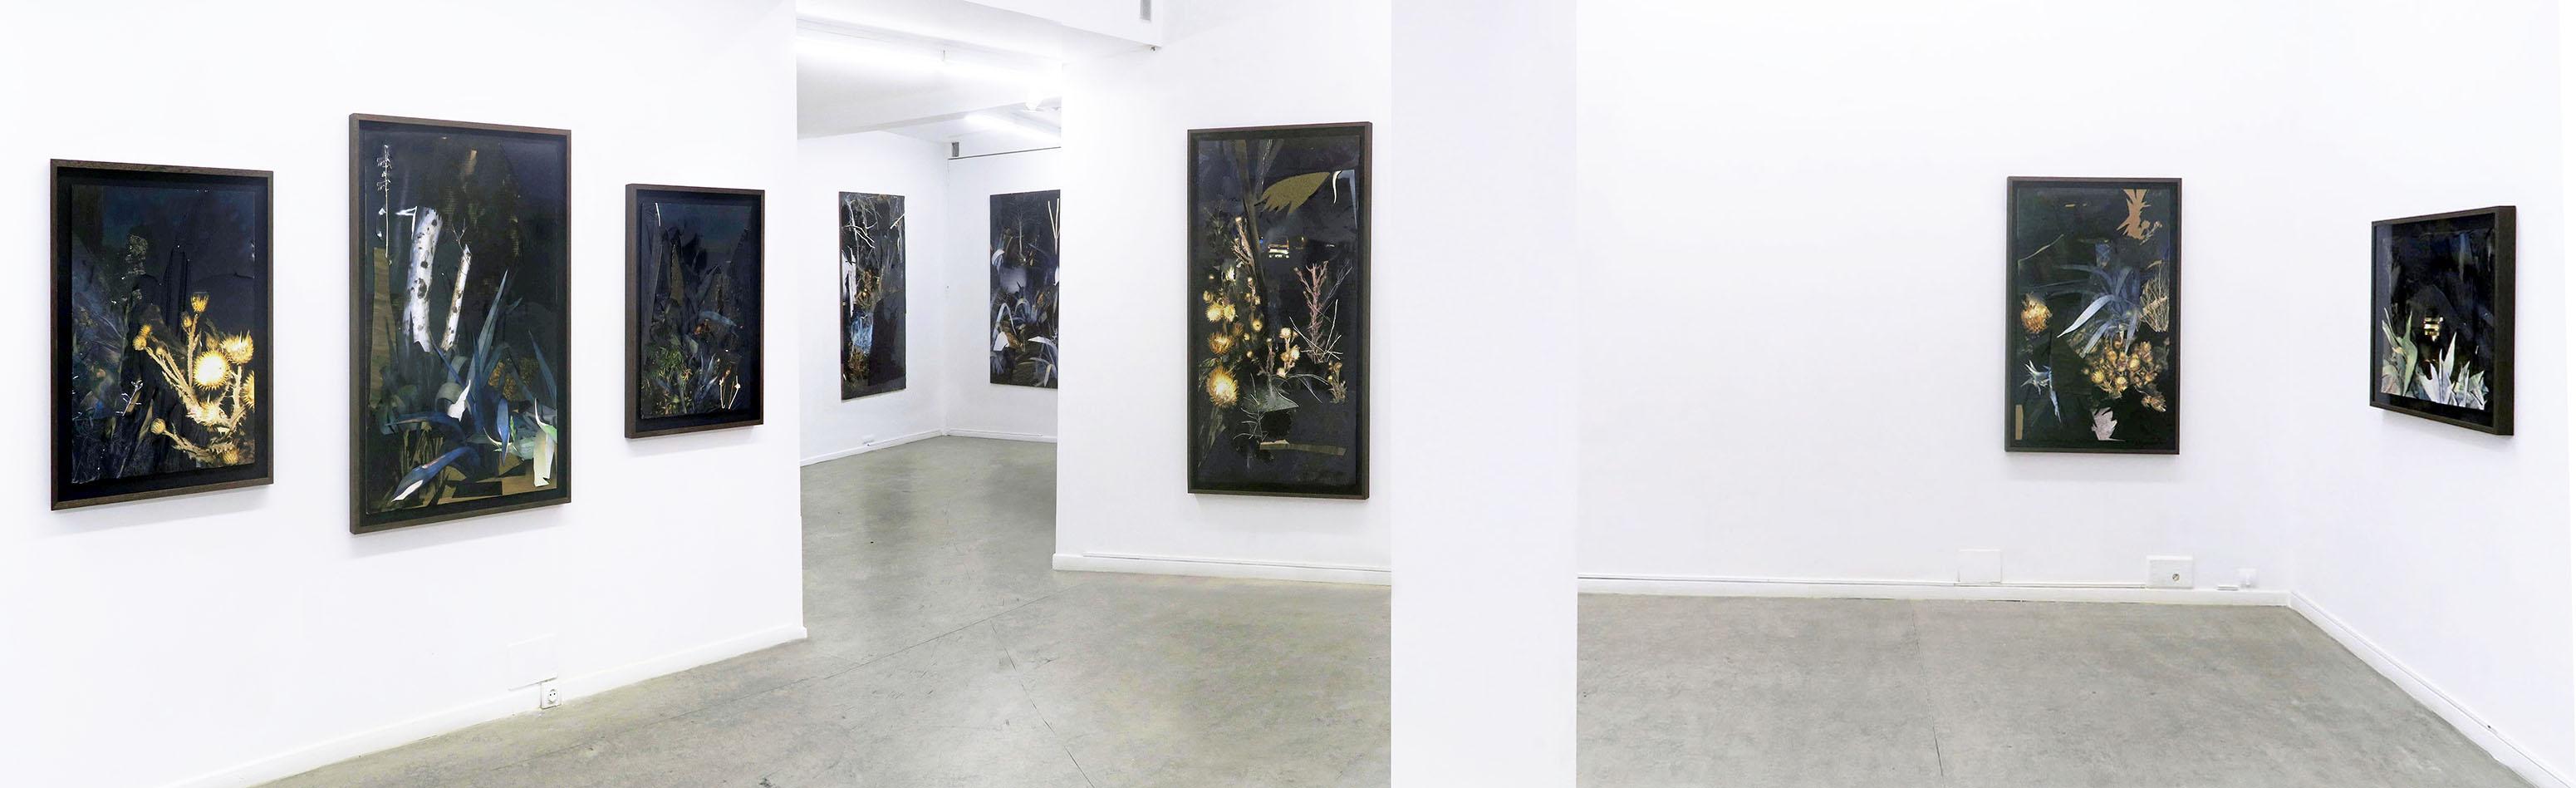 Exposición La noche en balde, Miguel Ámgel Tornero